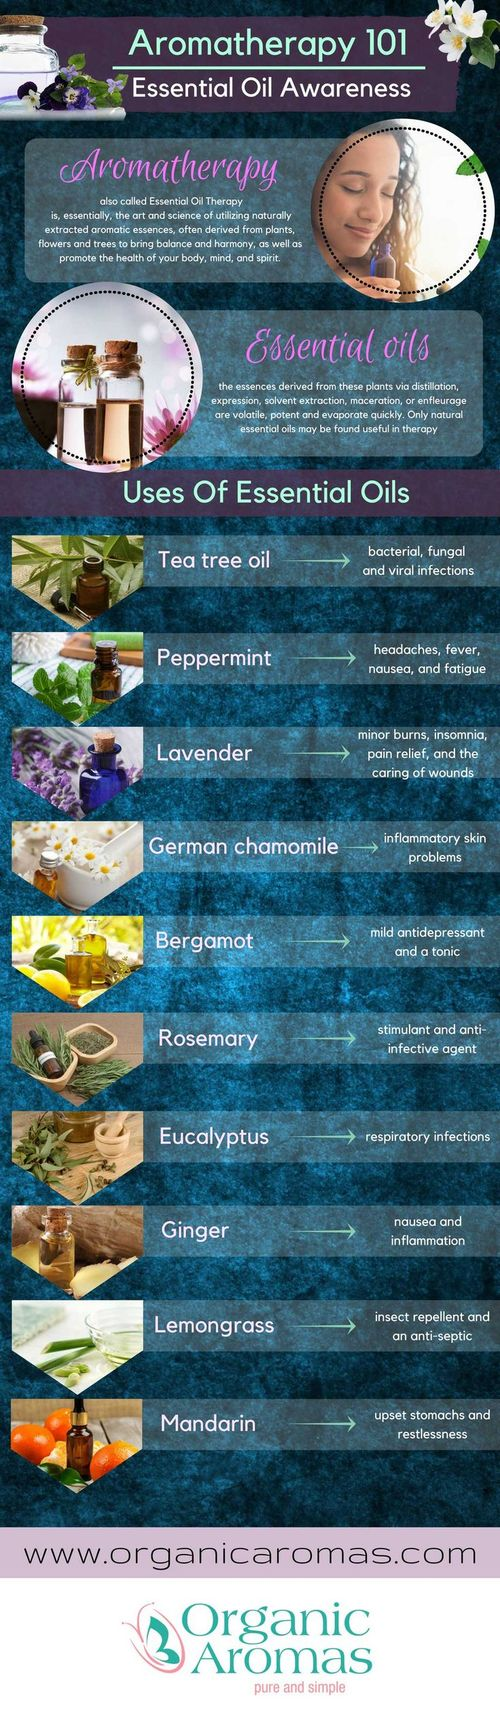 InfoGraphic OrganicAromas